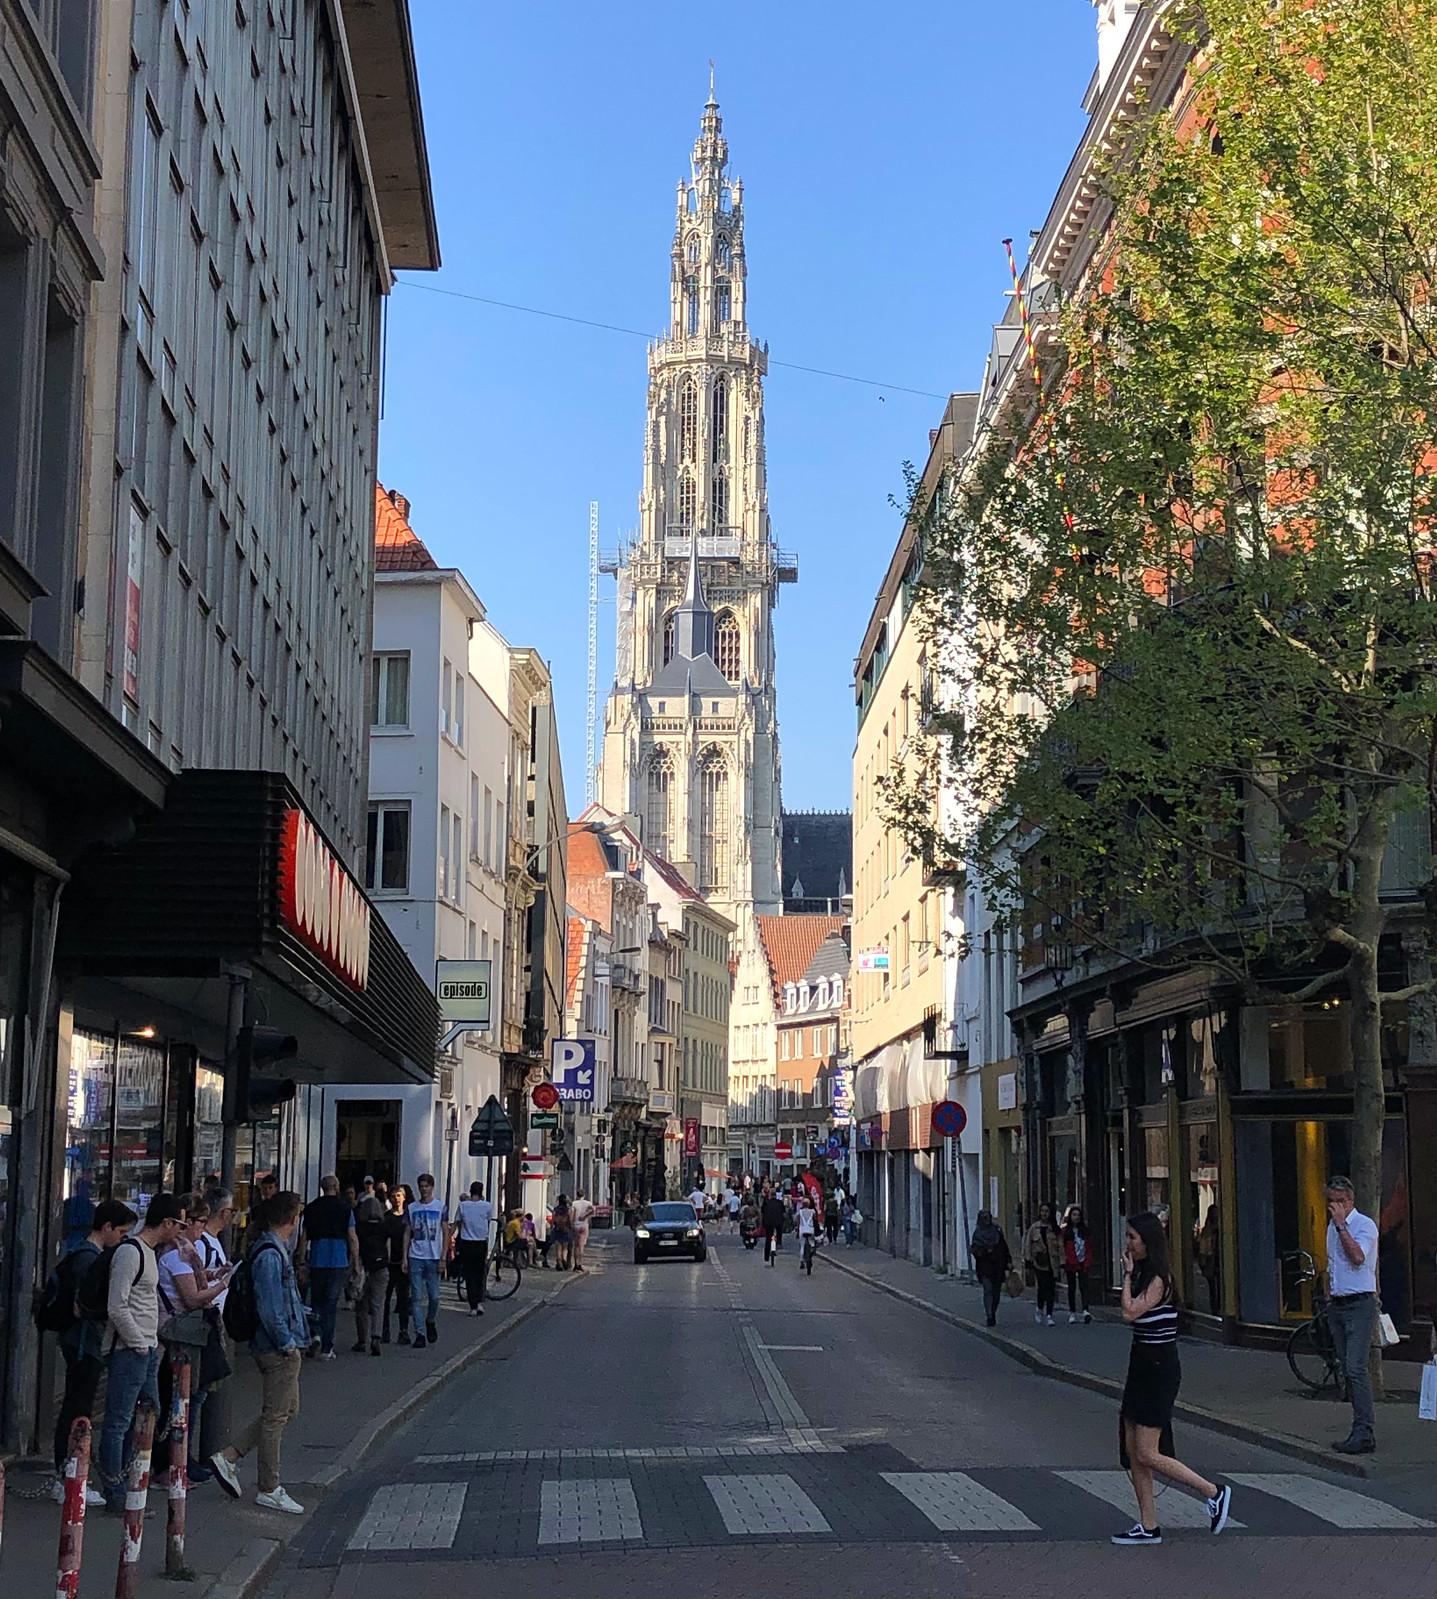 Visitar Amberes en un día, Antwerp in a day, Bélgica, Belgium amberes en un día - 48260803006 9c6378890a h - Amberes en un día